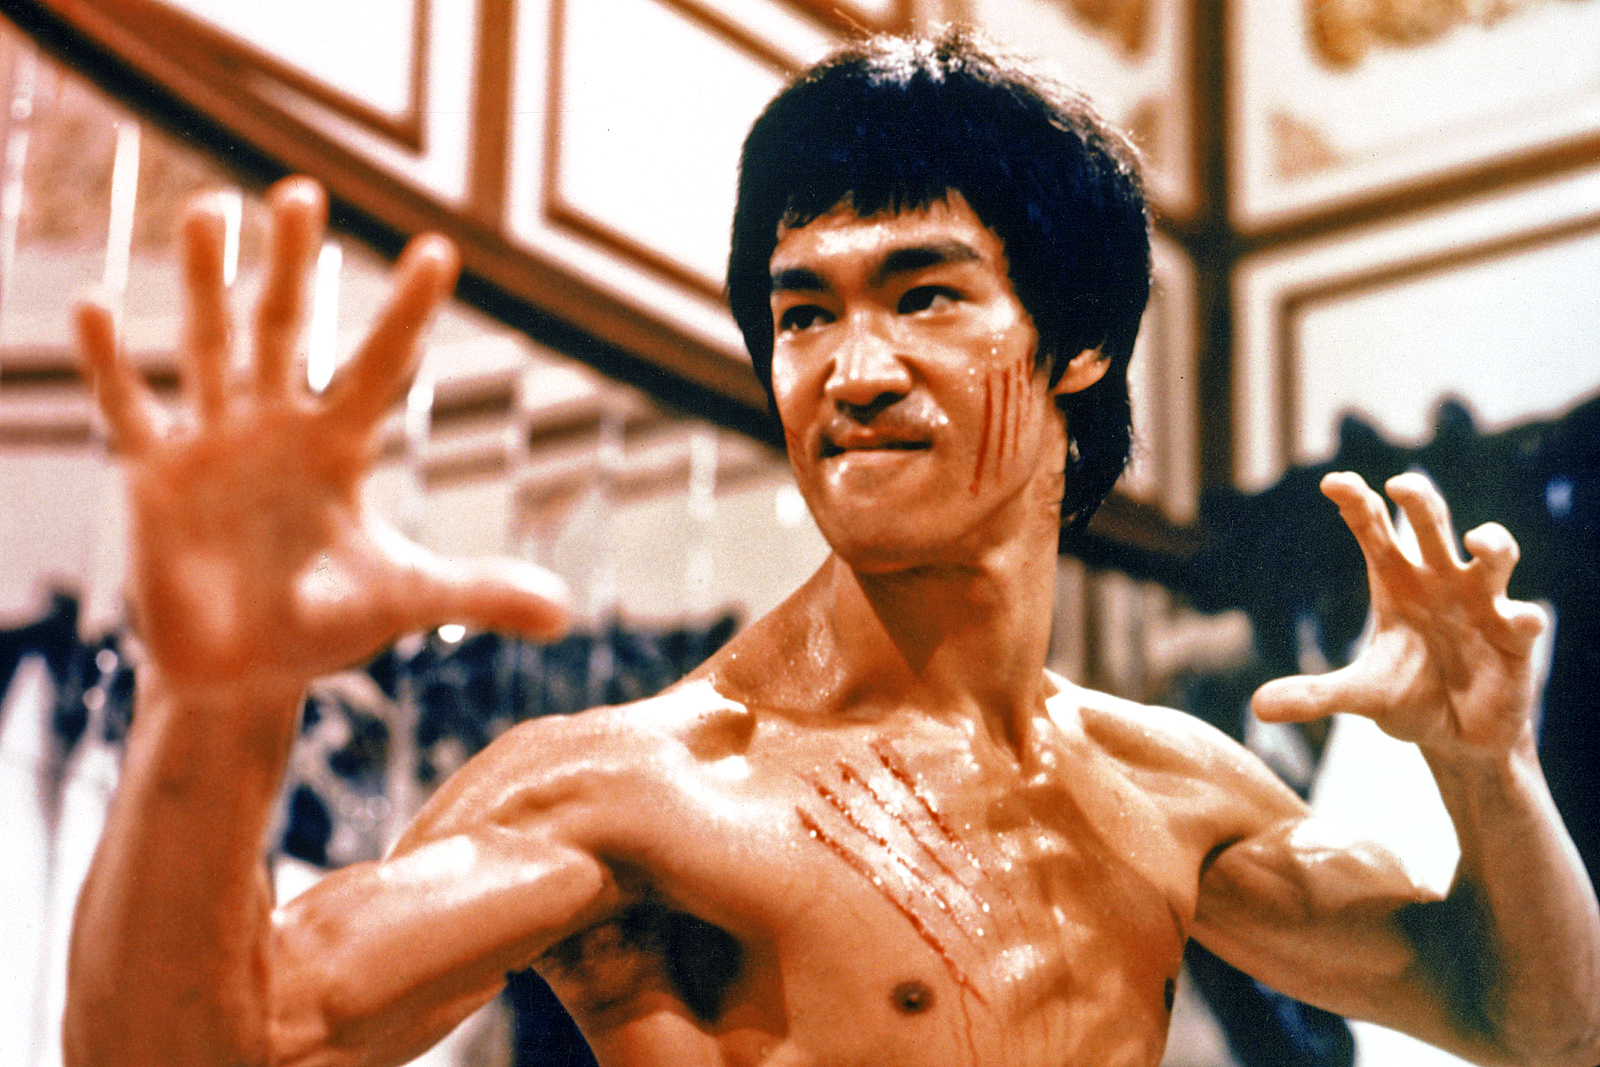 Huyền thoại võ thuật Lý Tiểu Long: Từ điện ảnh đến thực tế phũ phàng